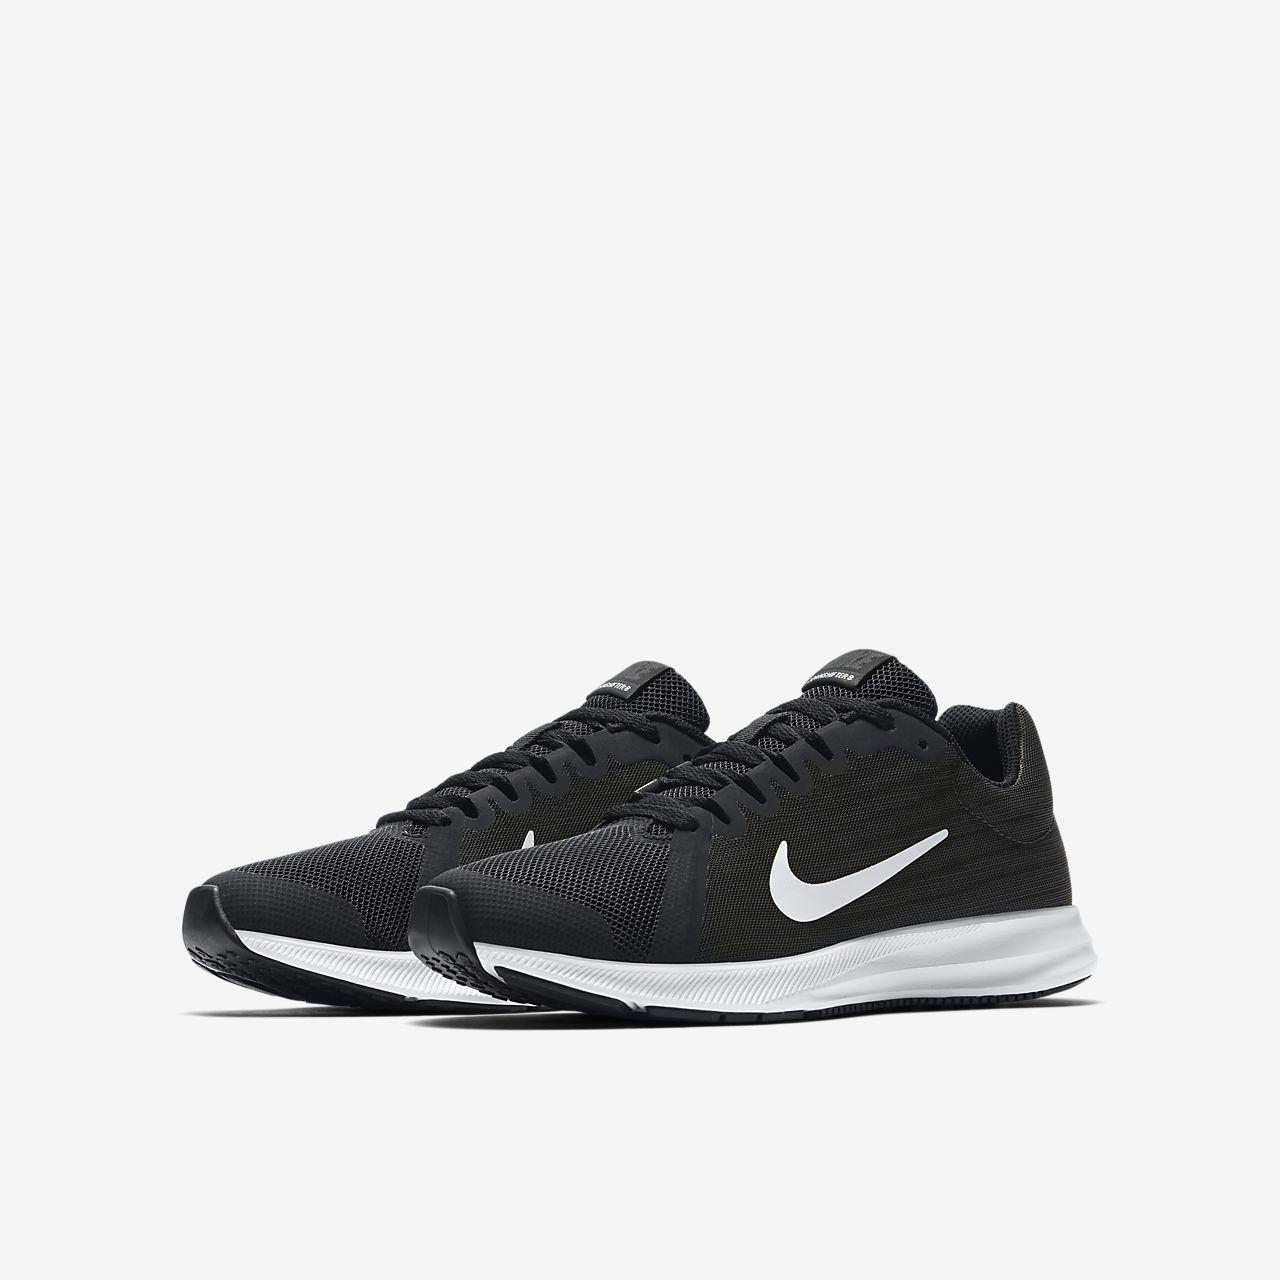 finest selection cb806 470c7 ... Chaussure de running Nike Downshifter 8 pour Garçon plus âgé